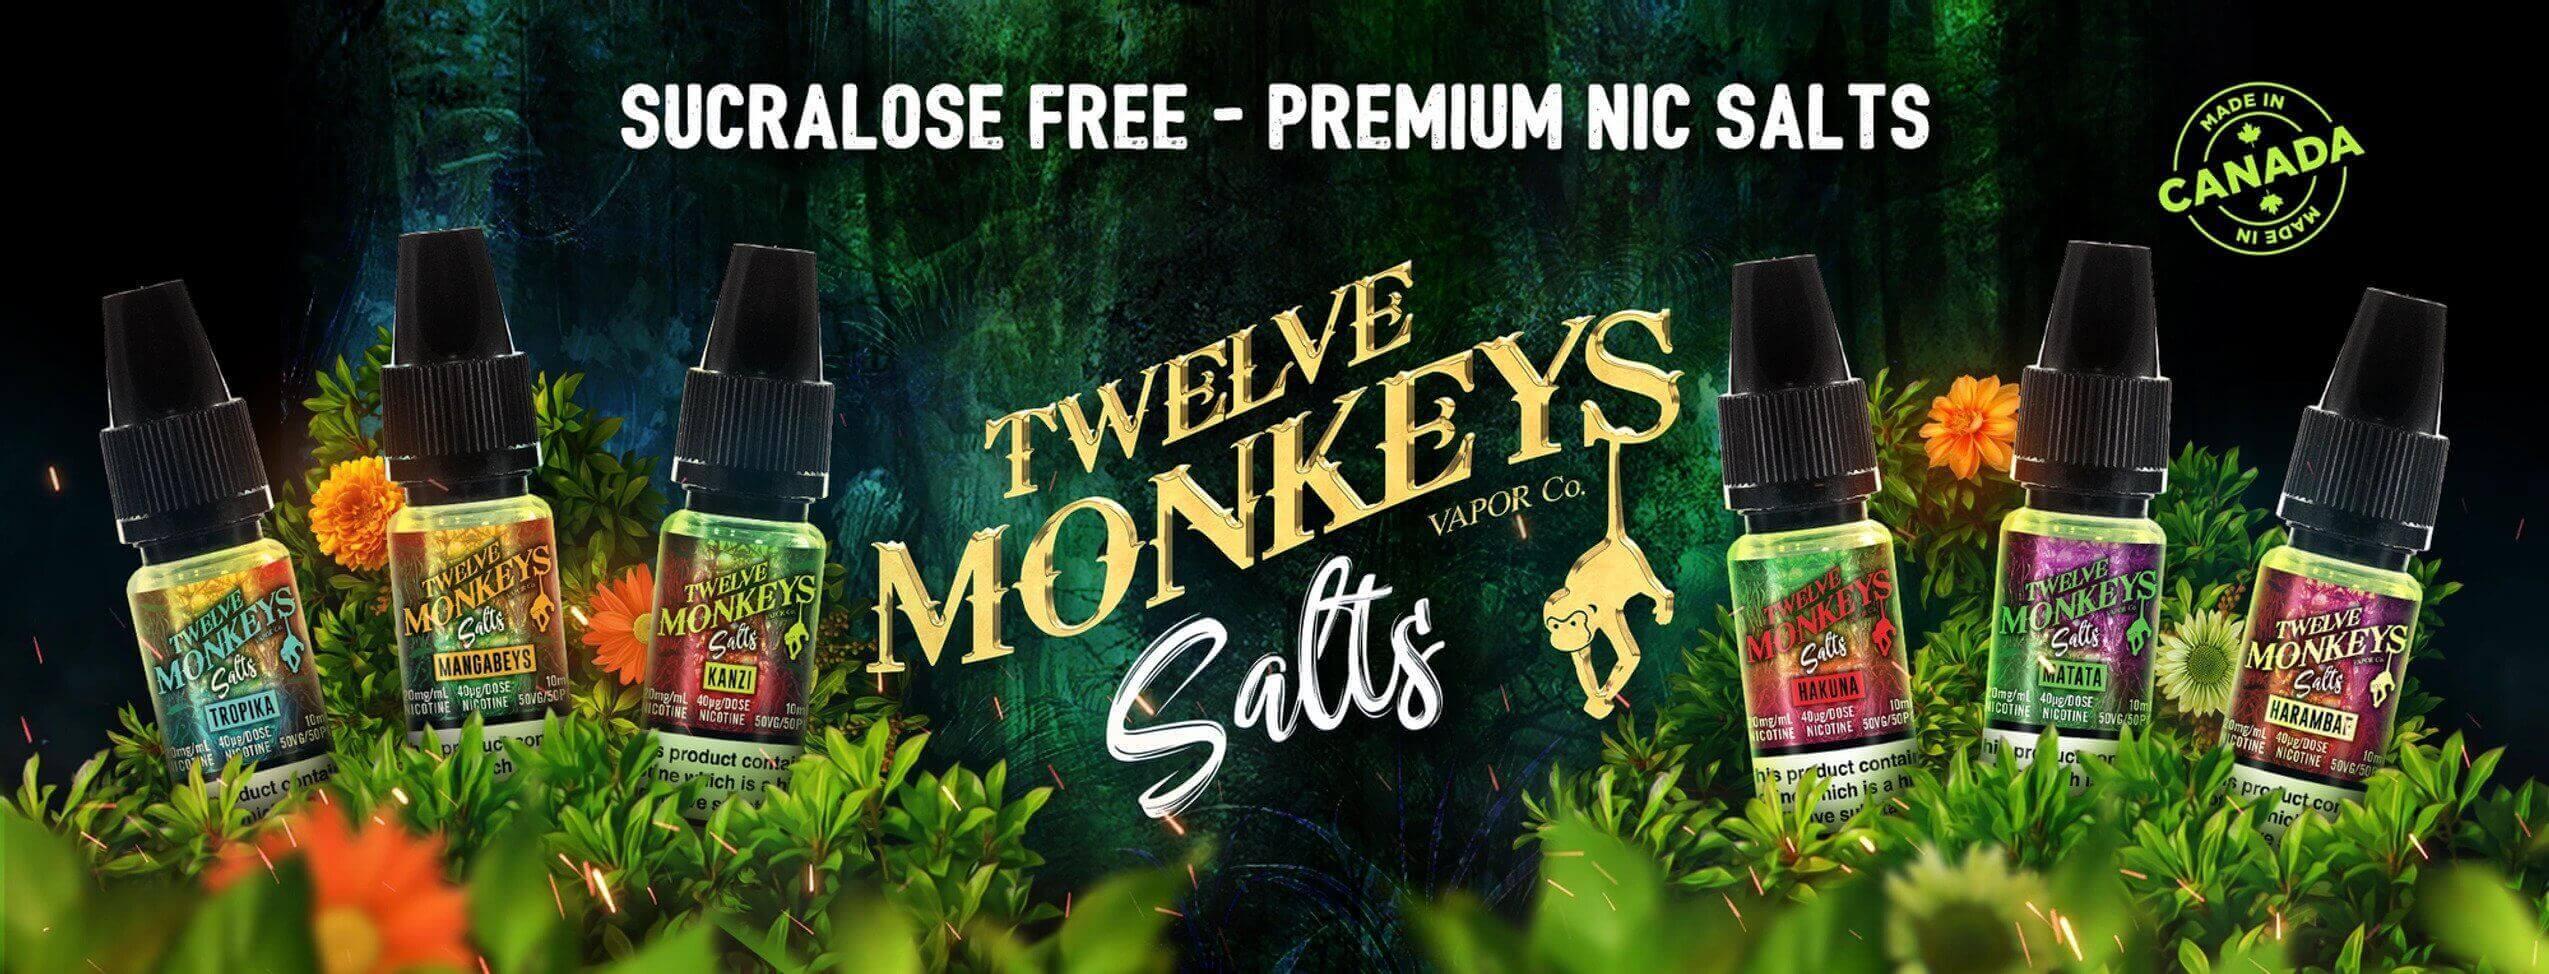 Twelve monkeys nicsalt edinburgh banner